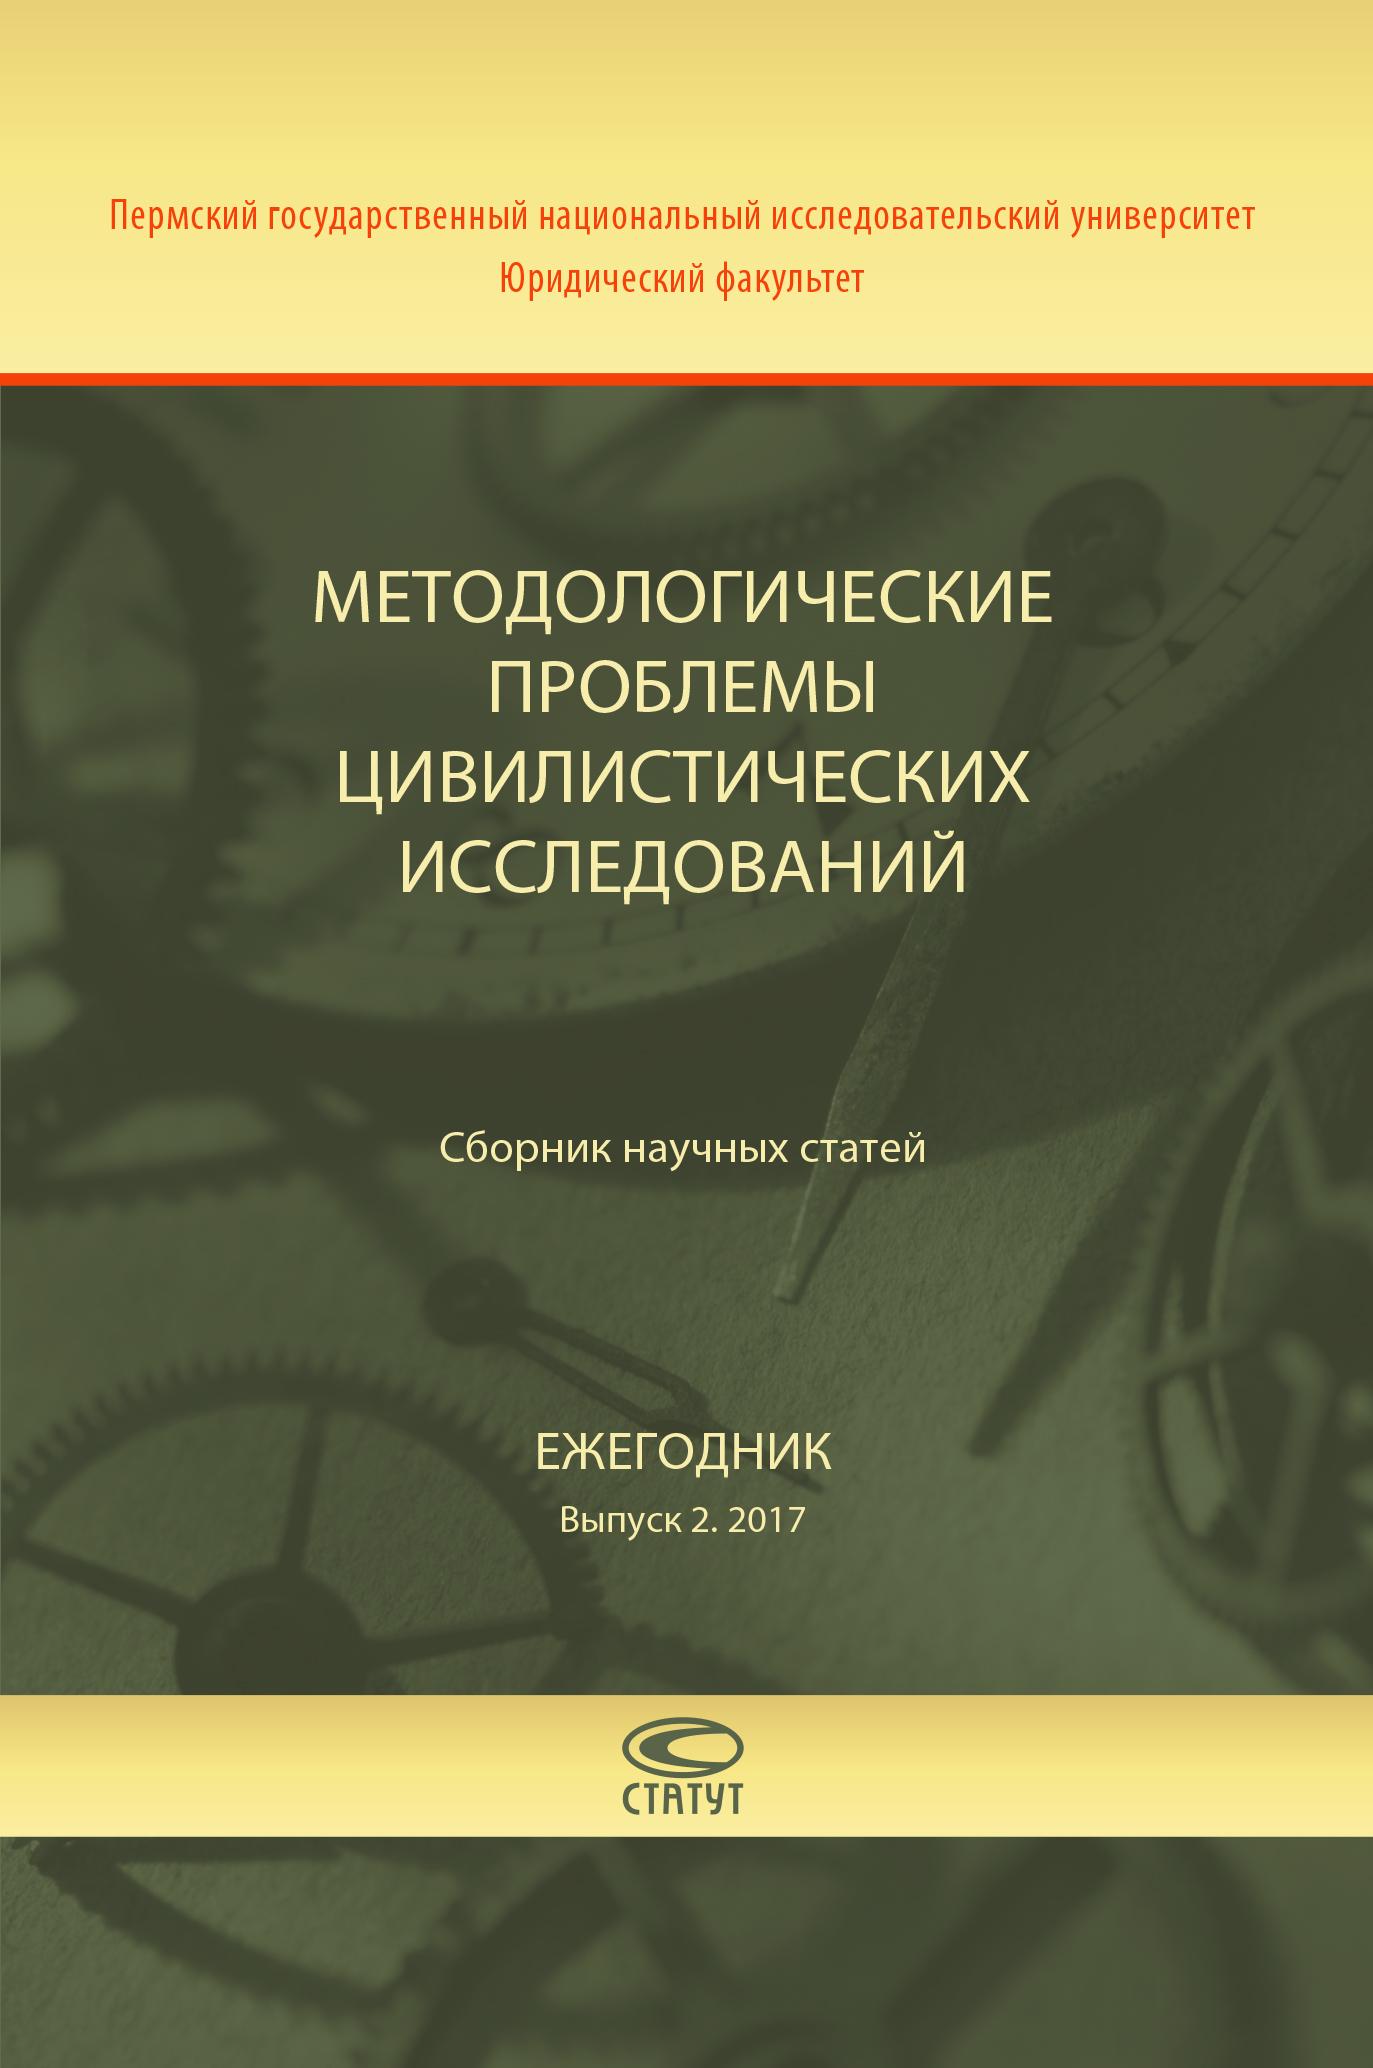 банки москвы кредиты